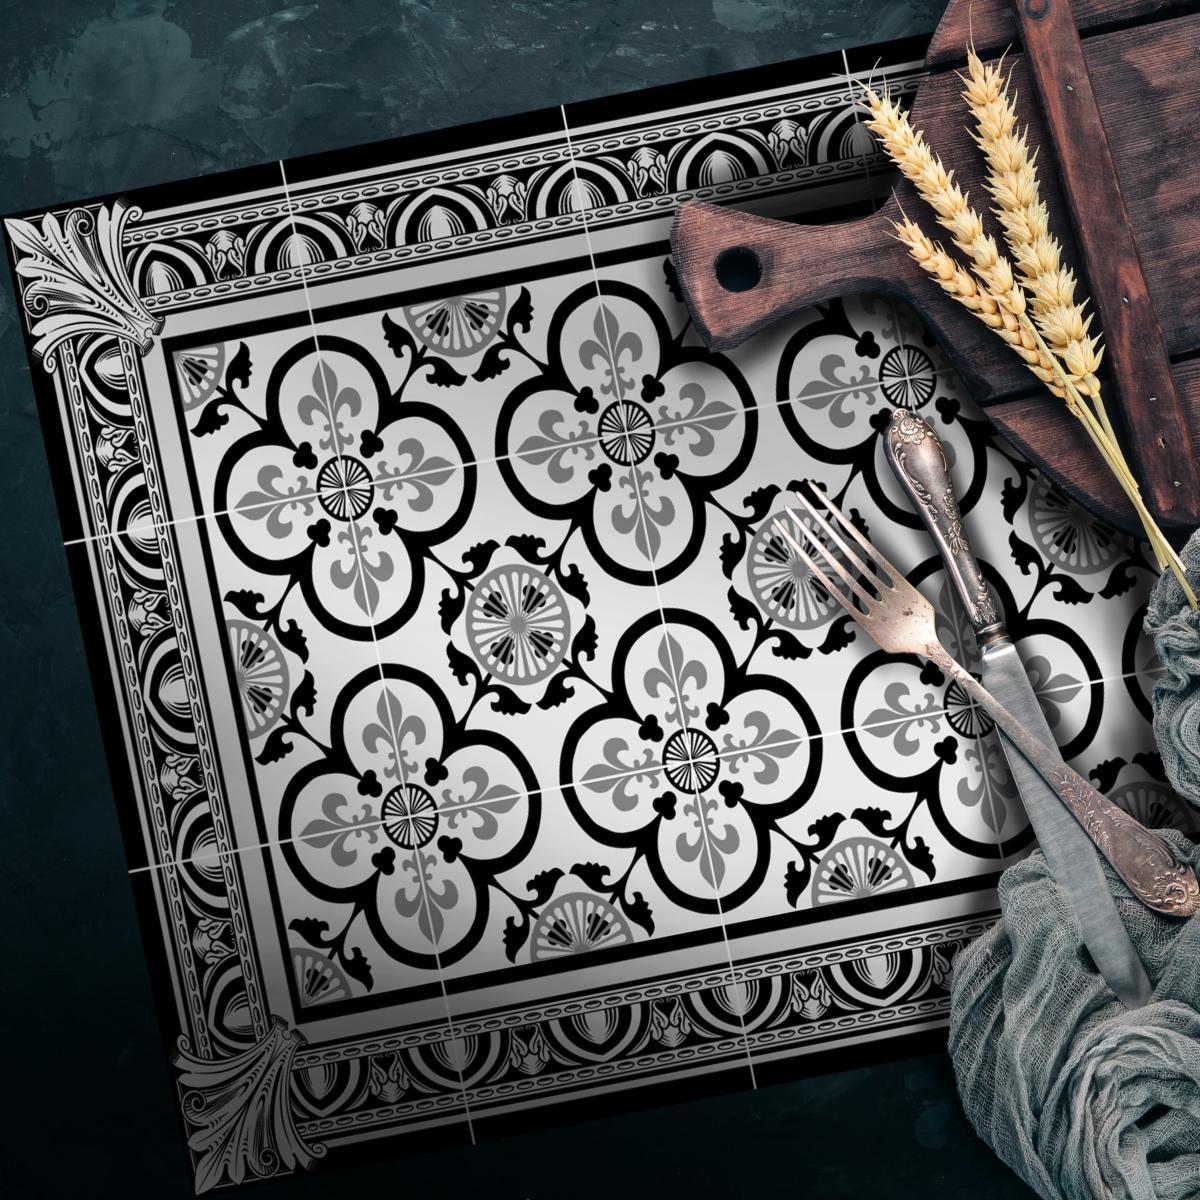 set de table carreaux de ciment garance noir 35x50cm. Black Bedroom Furniture Sets. Home Design Ideas